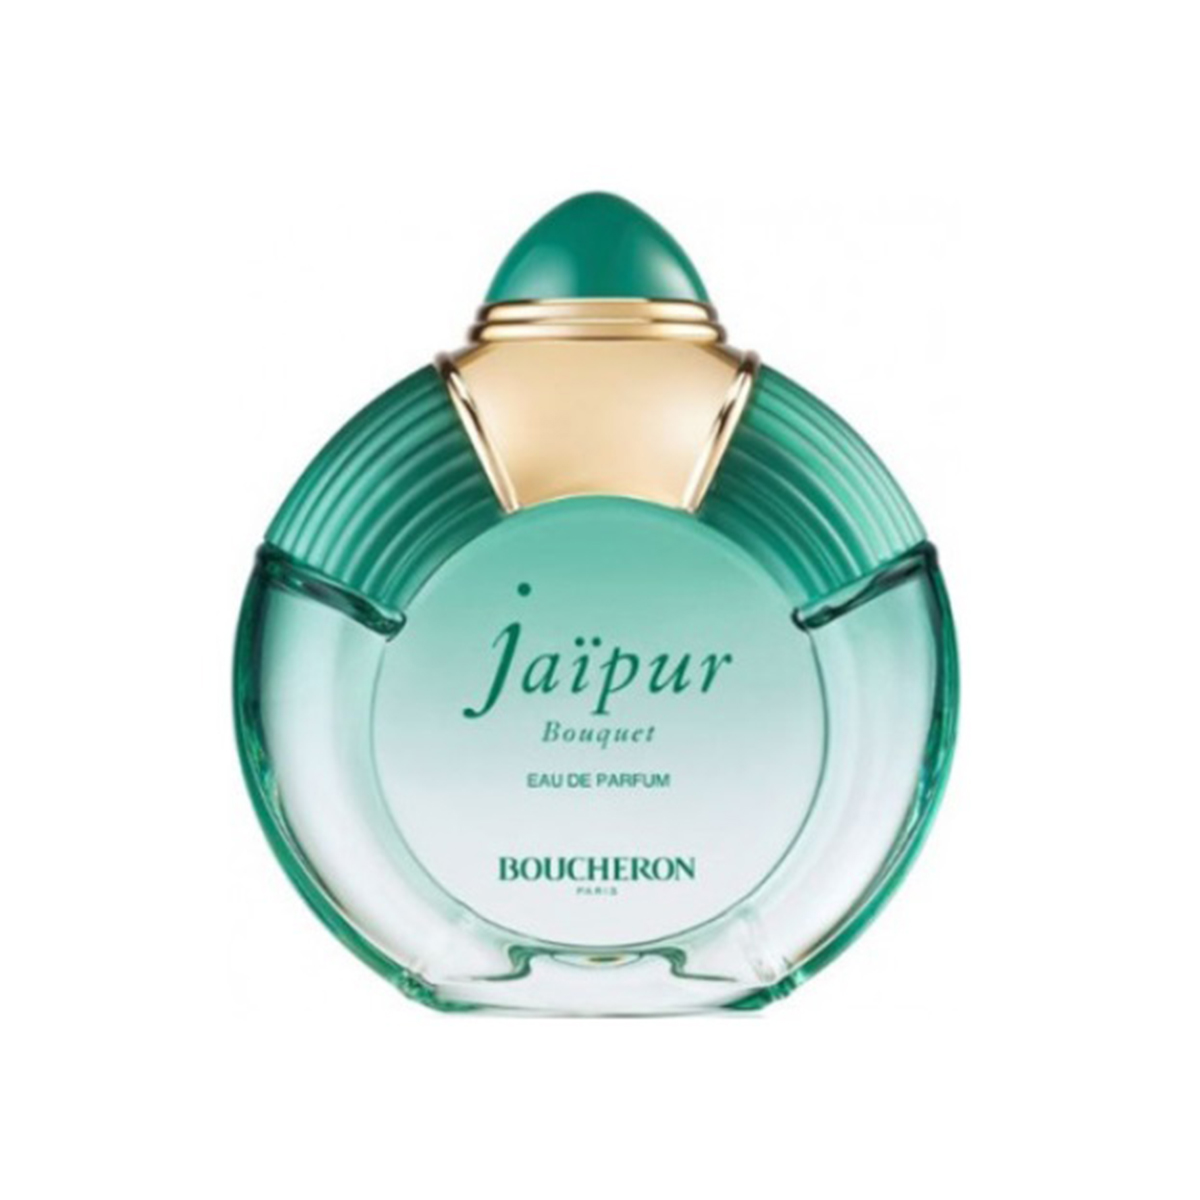 Boucheron jaipur bouquet eau de parfum 100ml vaporizador